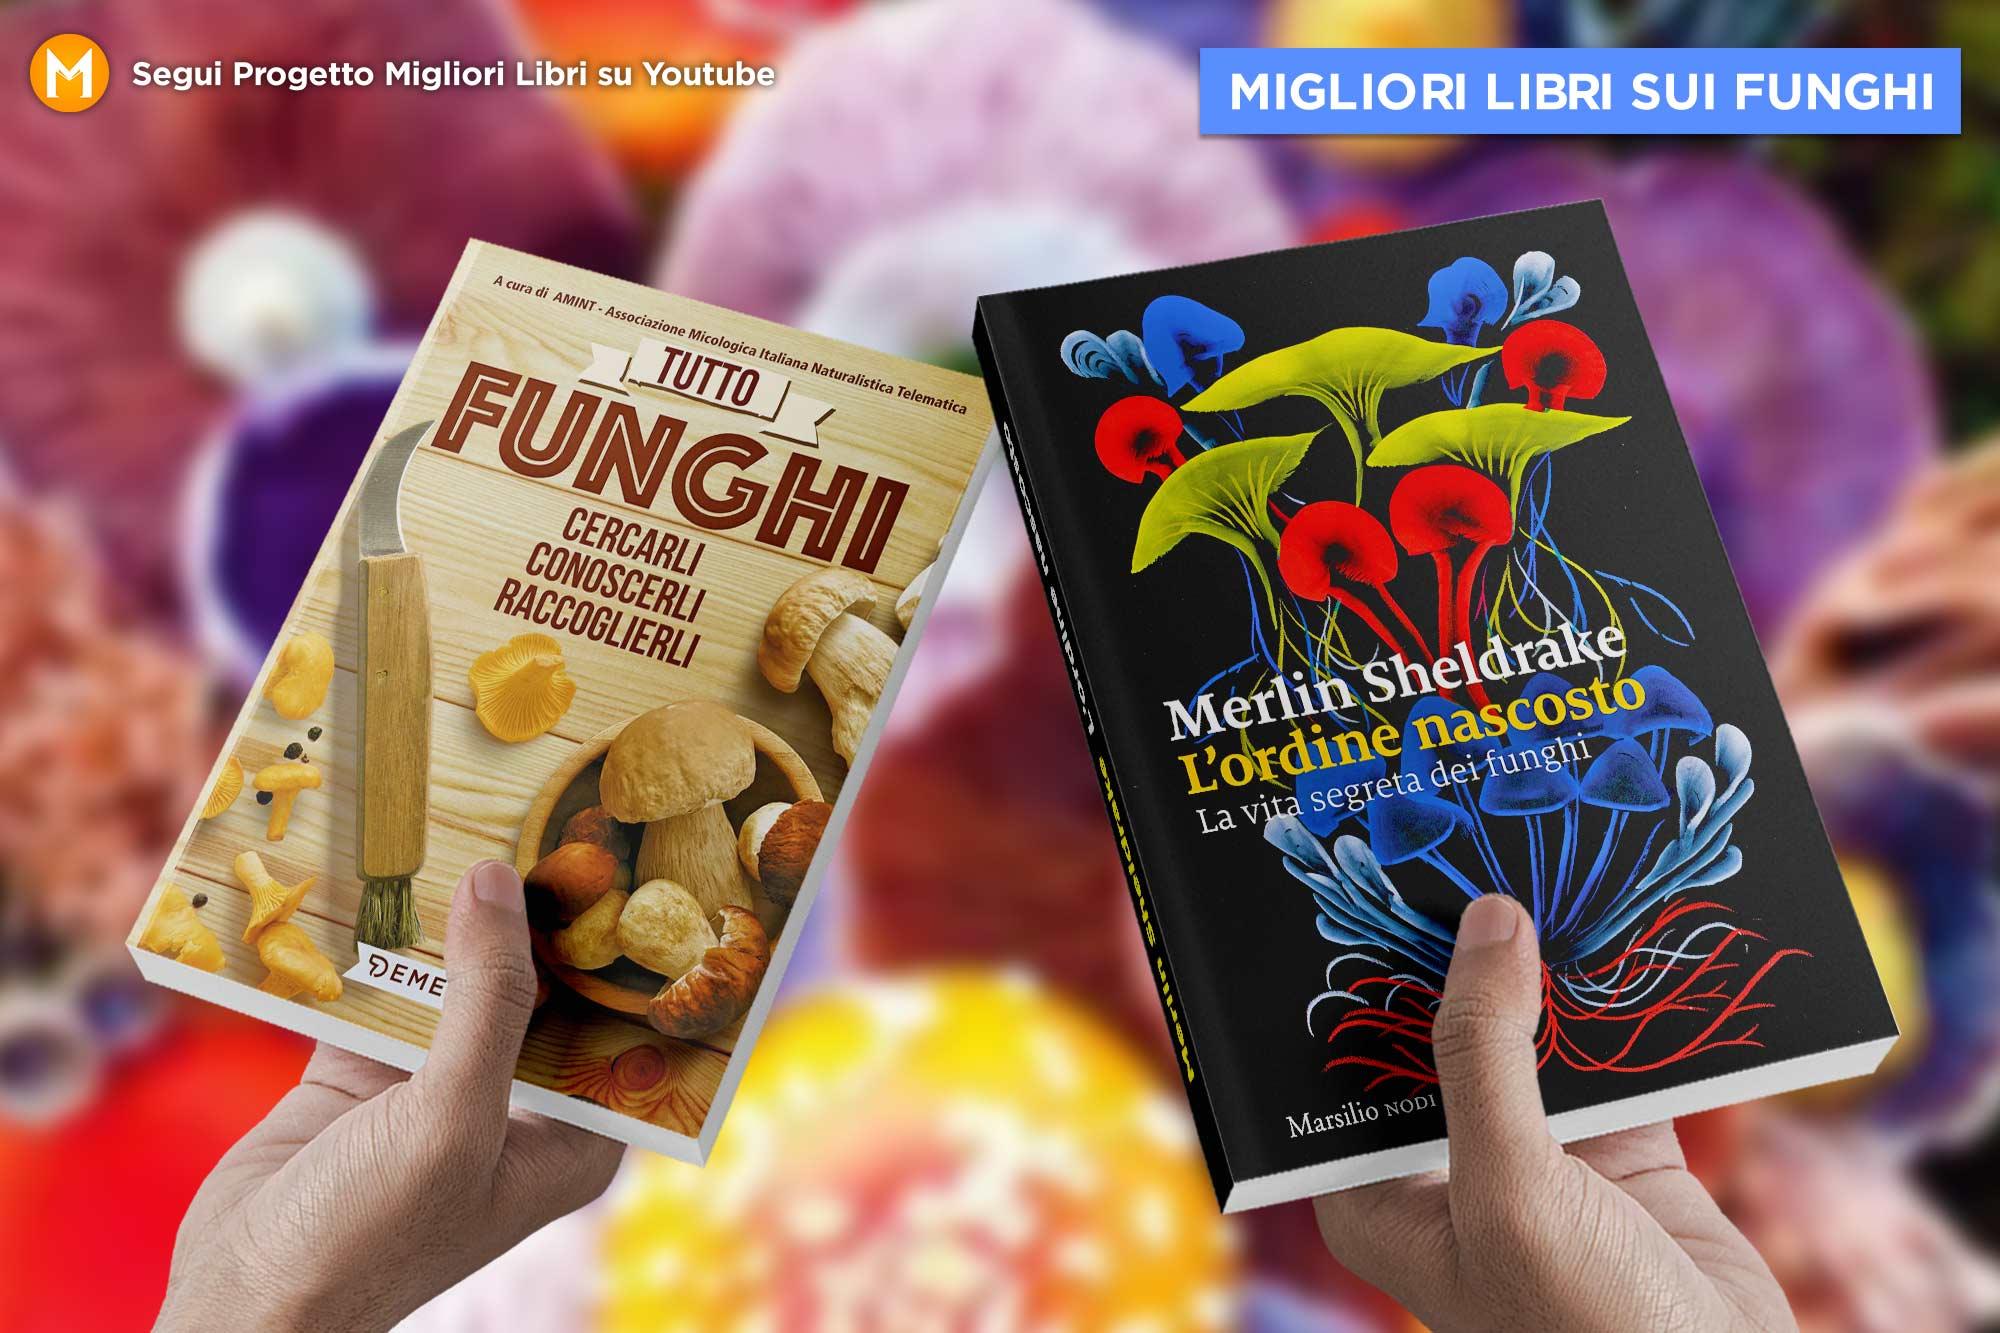 migliori-libri-sui-funghi